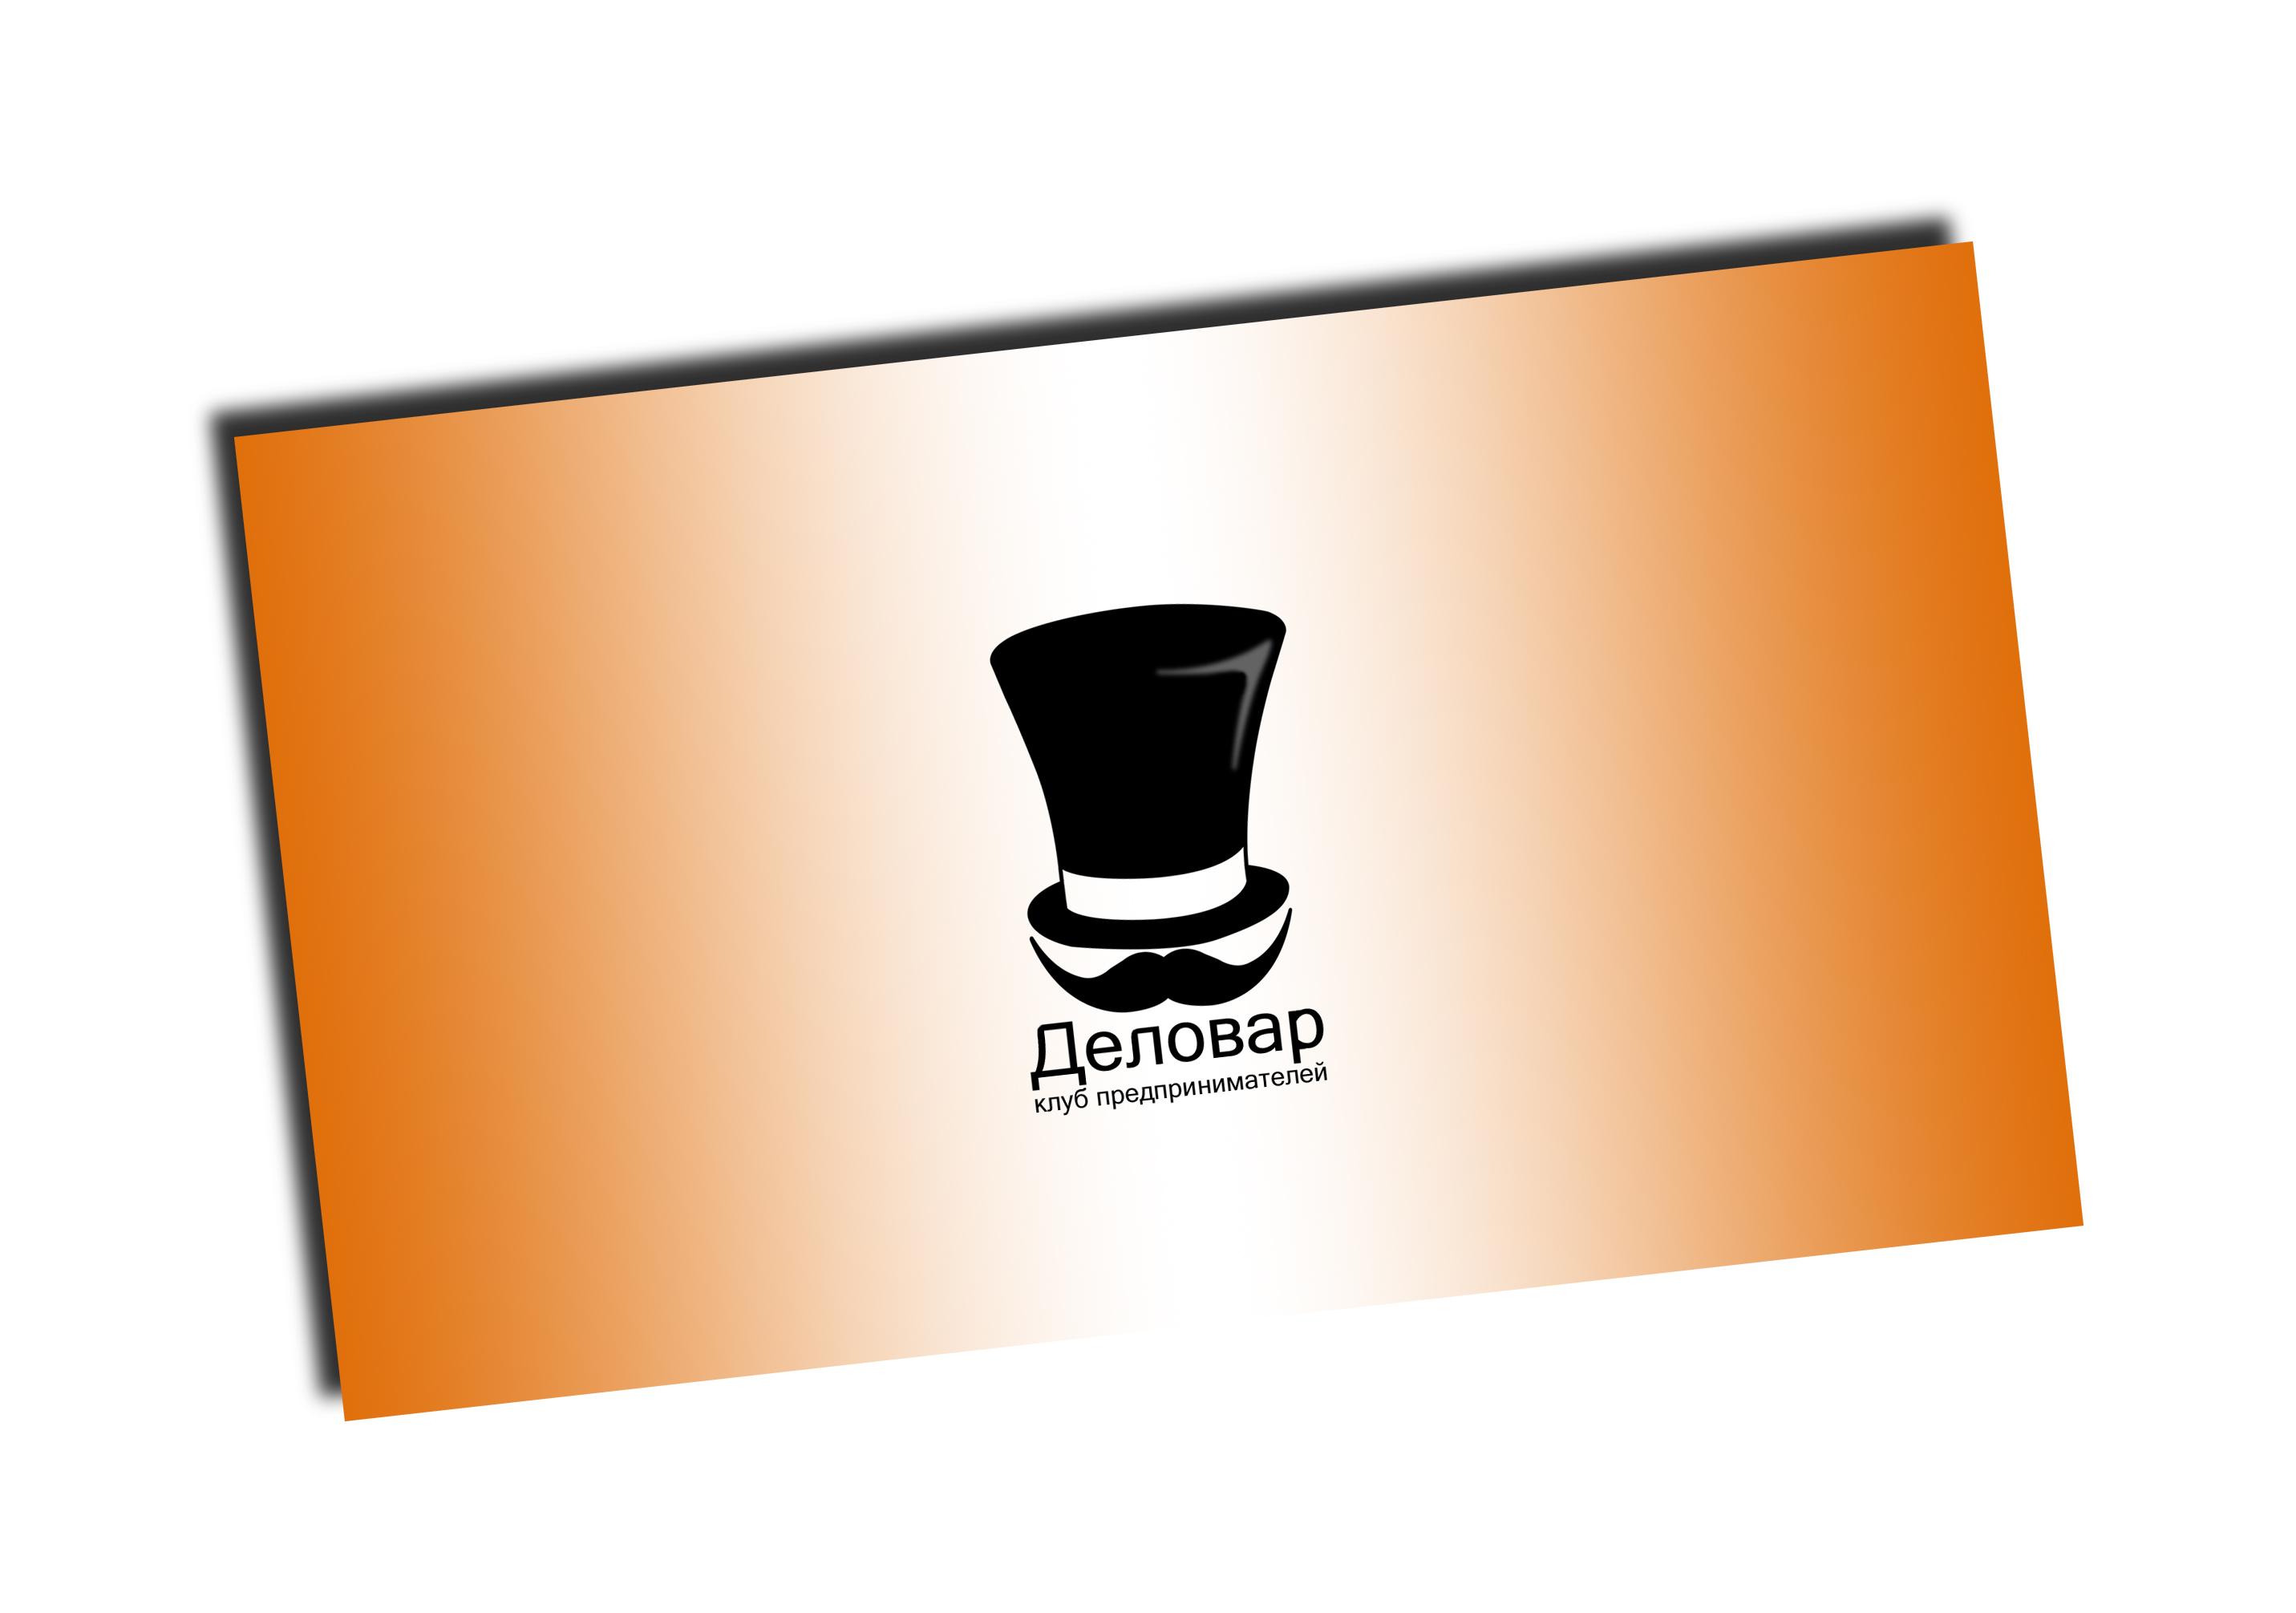 """Логотип и фирм. стиль для Клуба предпринимателей """"Деловар"""" фото f_5045a9189428d.jpg"""